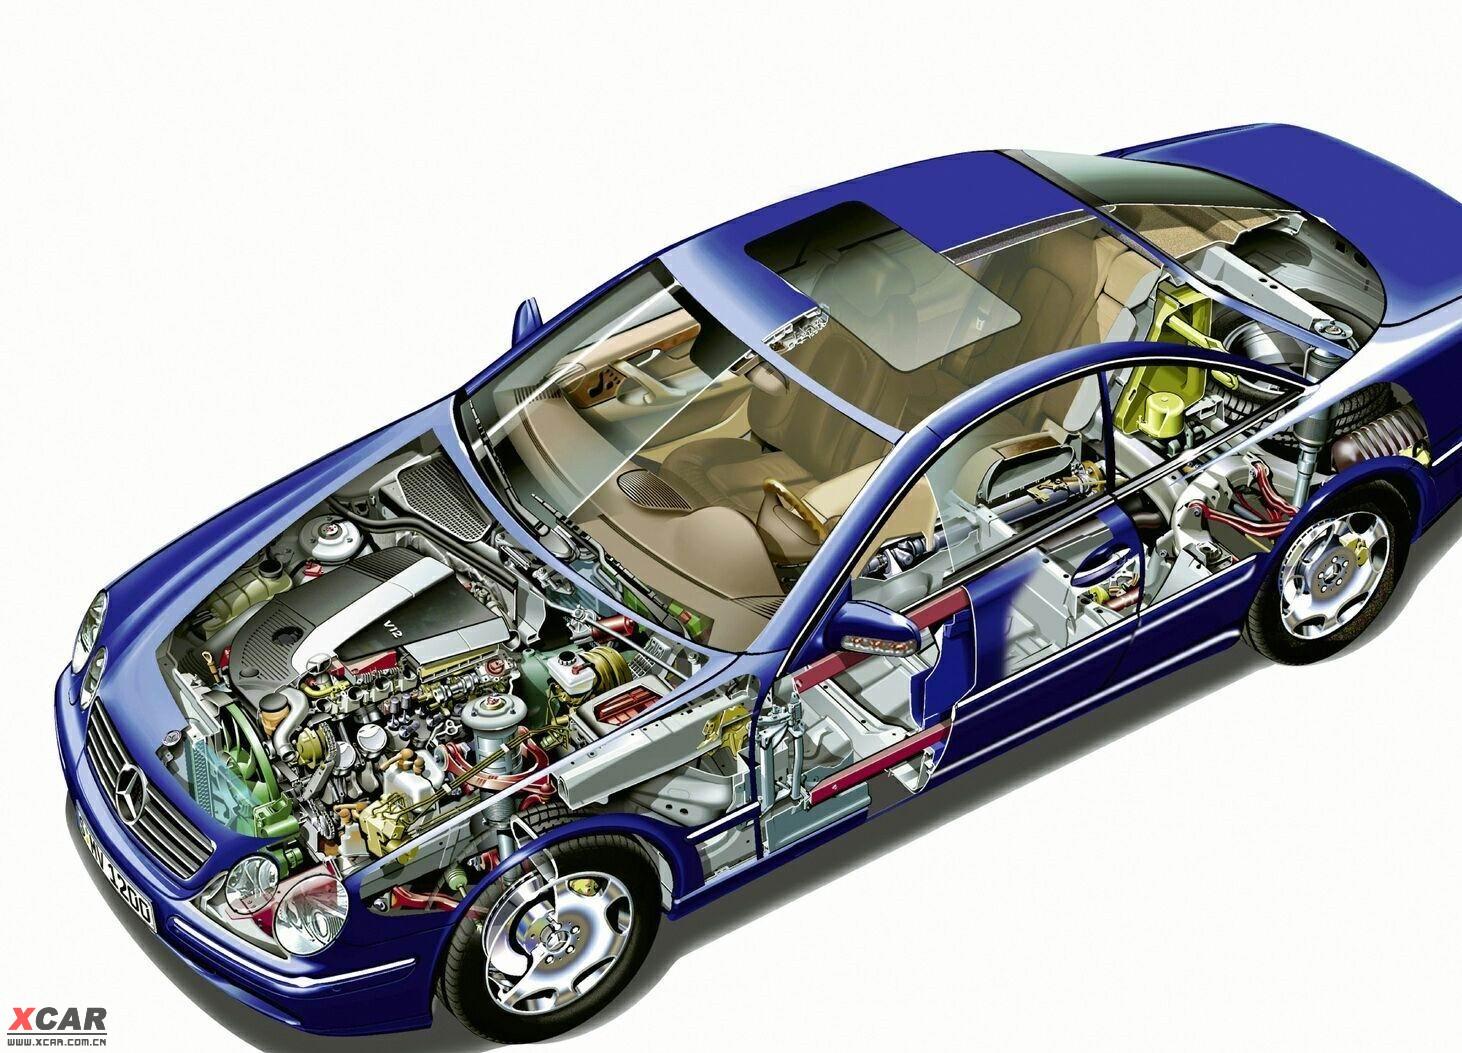 再发汽车内部结构图,像孙悟空的如意金箍棒可大可小